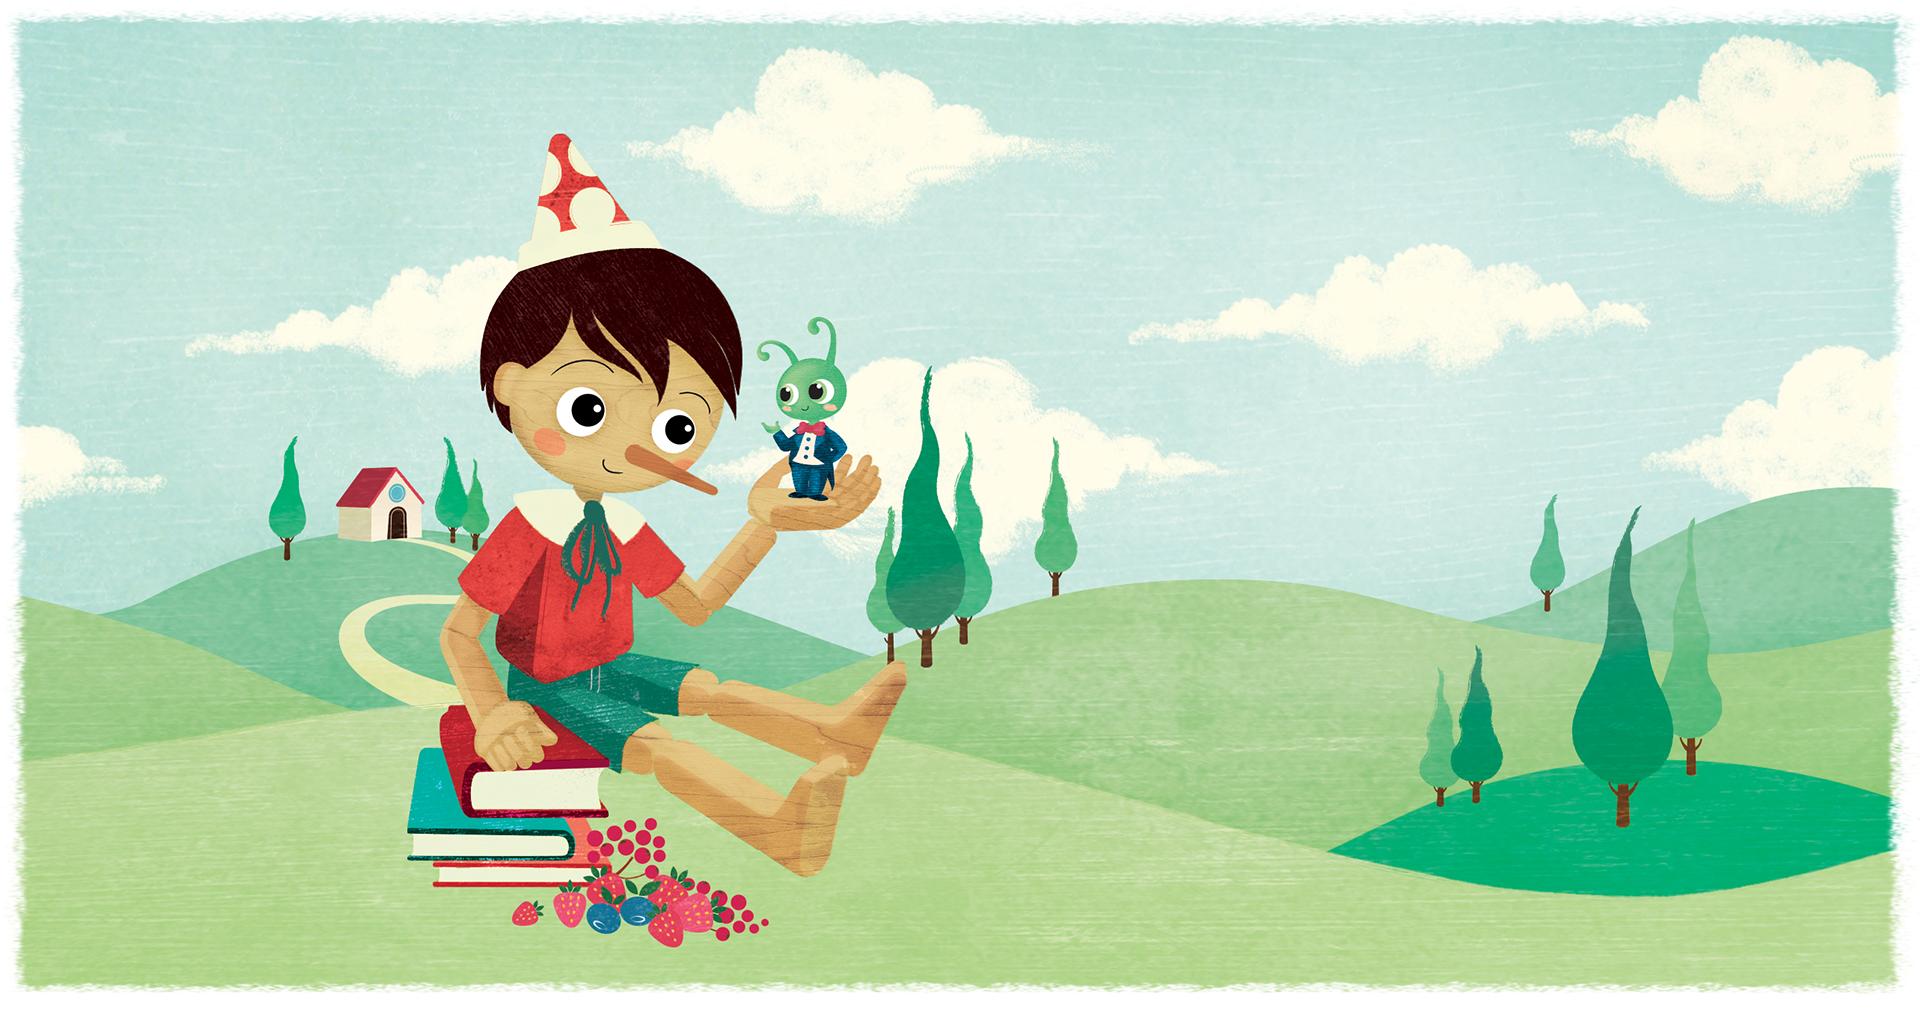 Pastiglie Leone Illustrazione Pinocchio - Eleonora Casetta